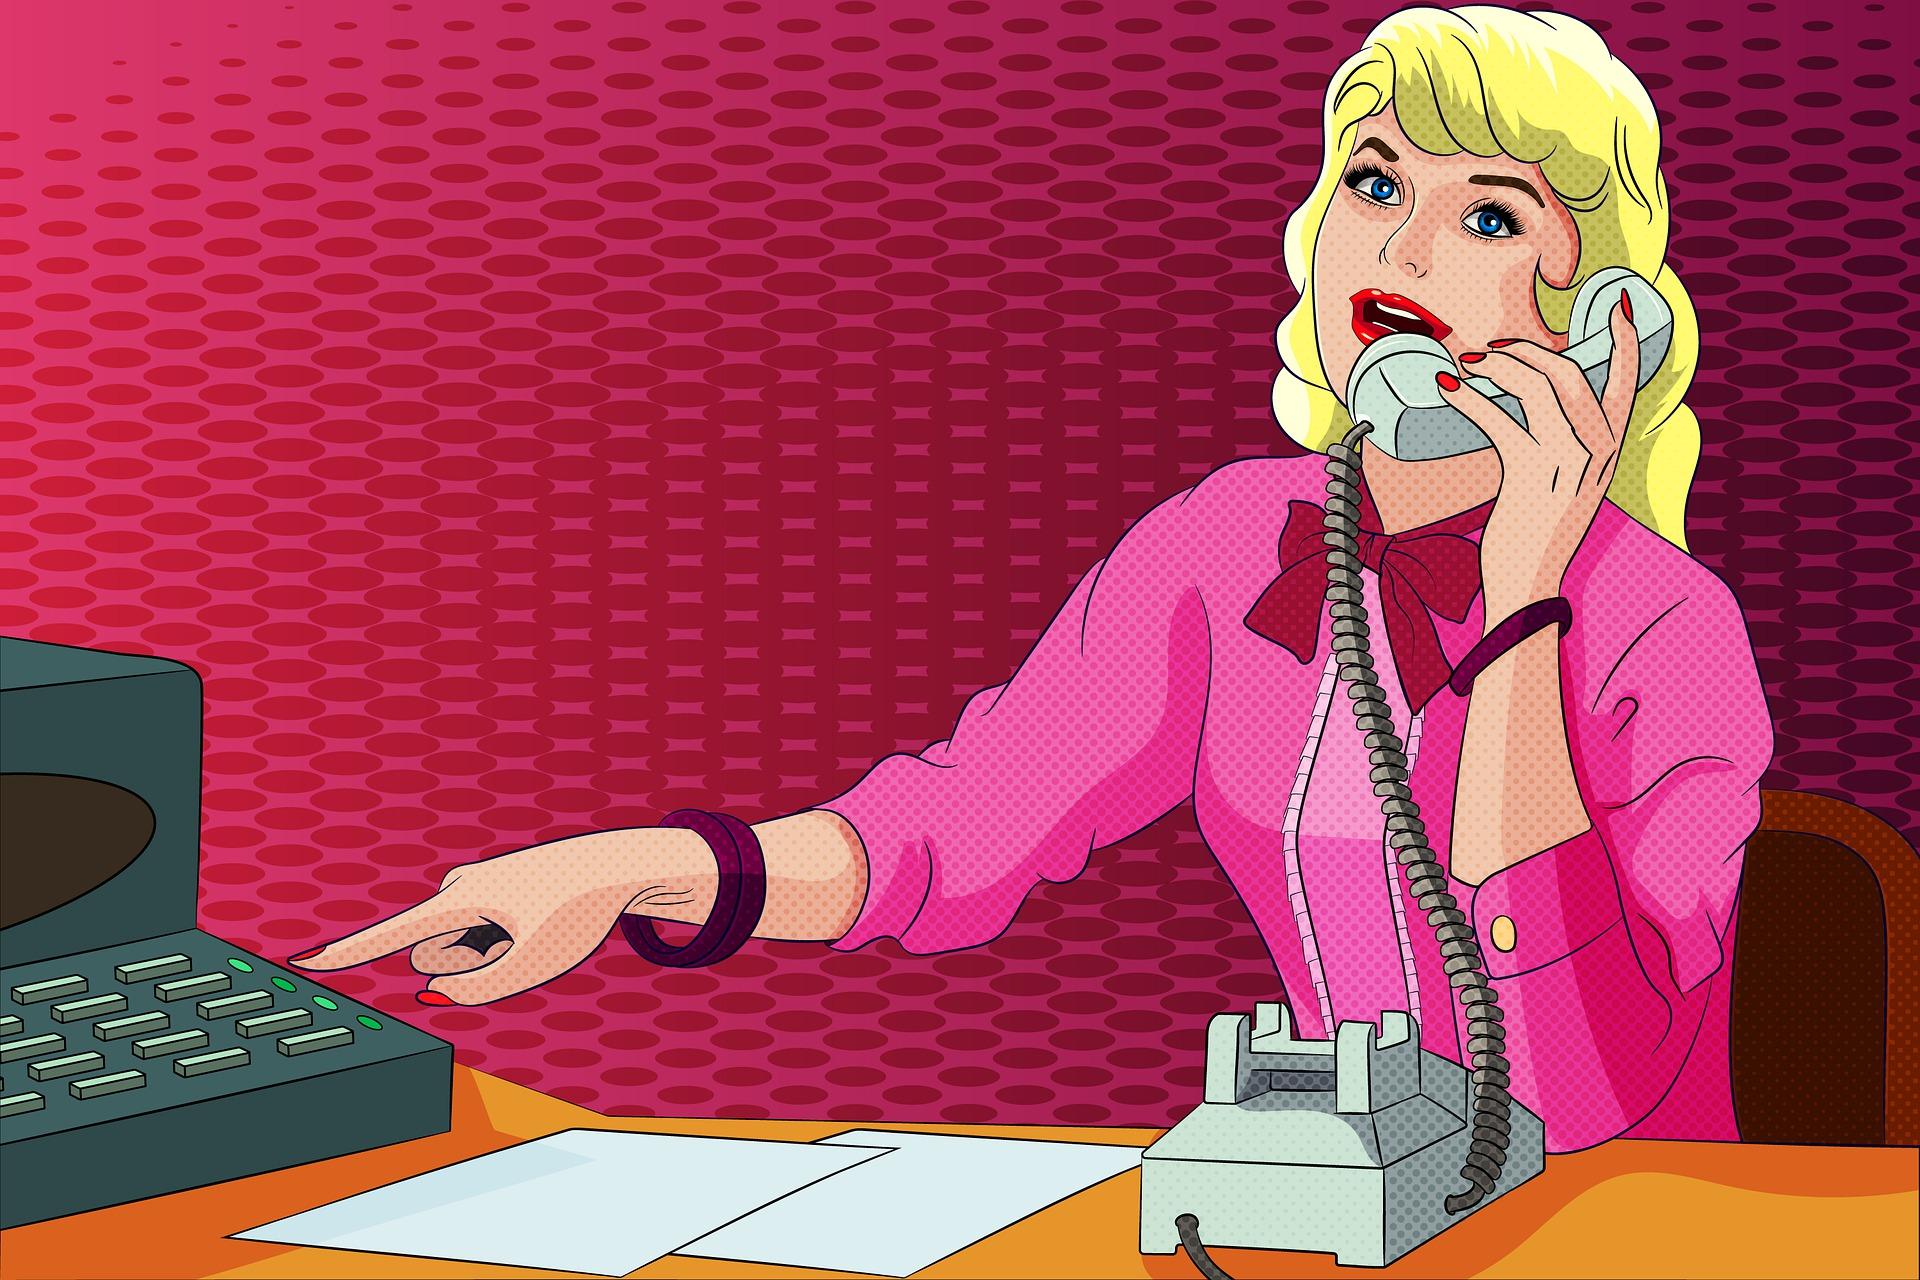 מדוע כל עסק צריך מענה אנושי ללקוחות?